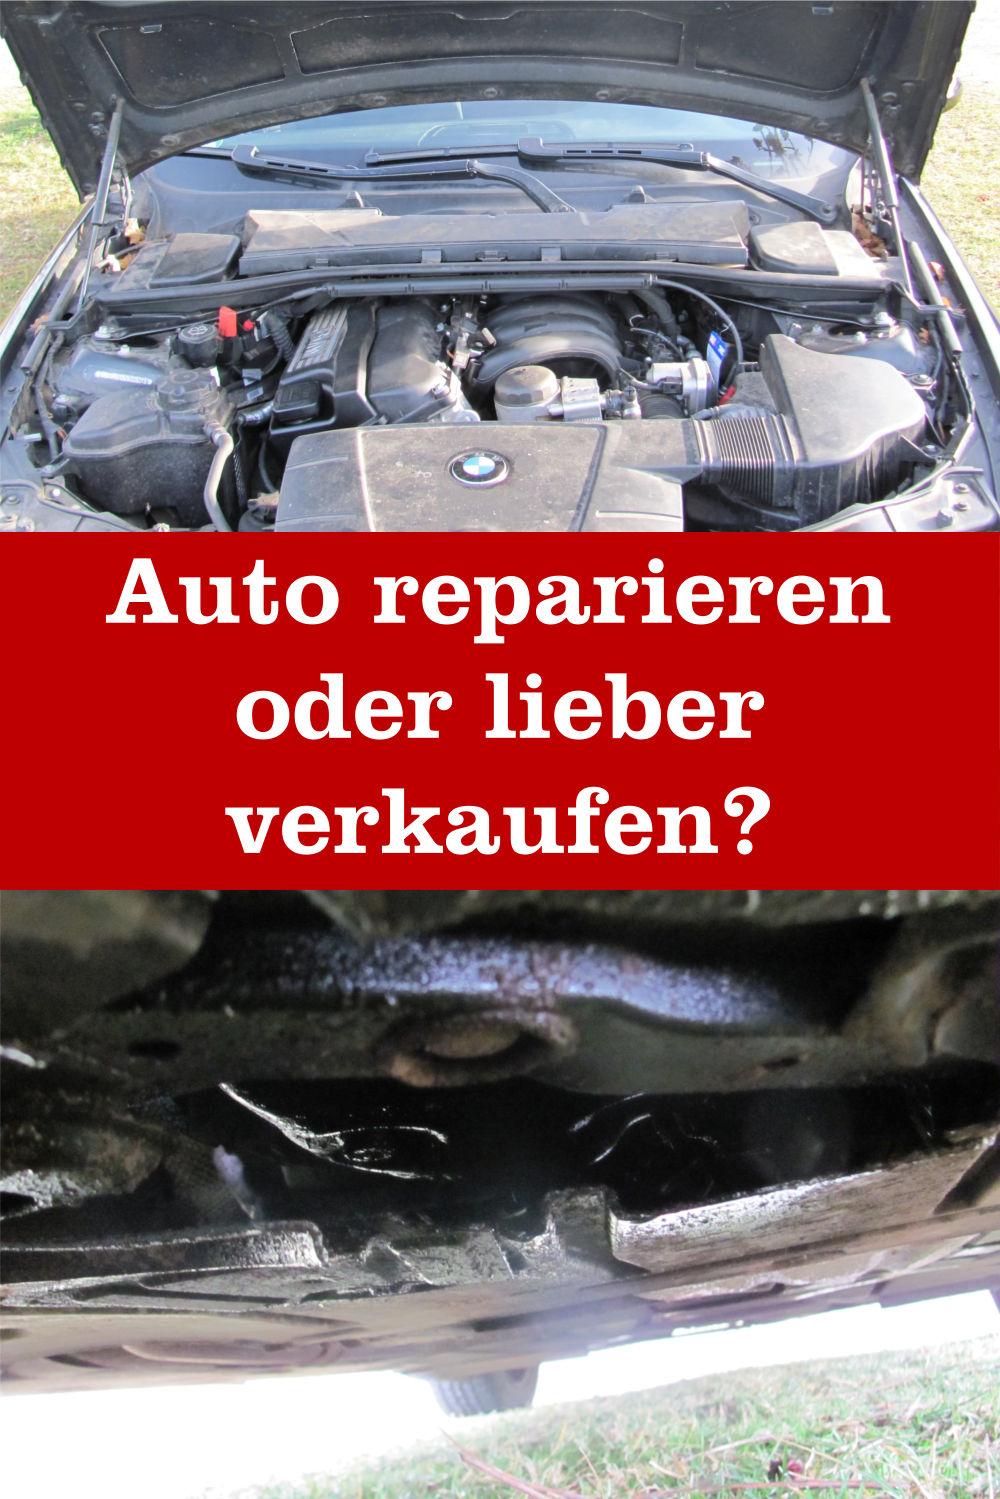 Auto reparieren oder verkaufen